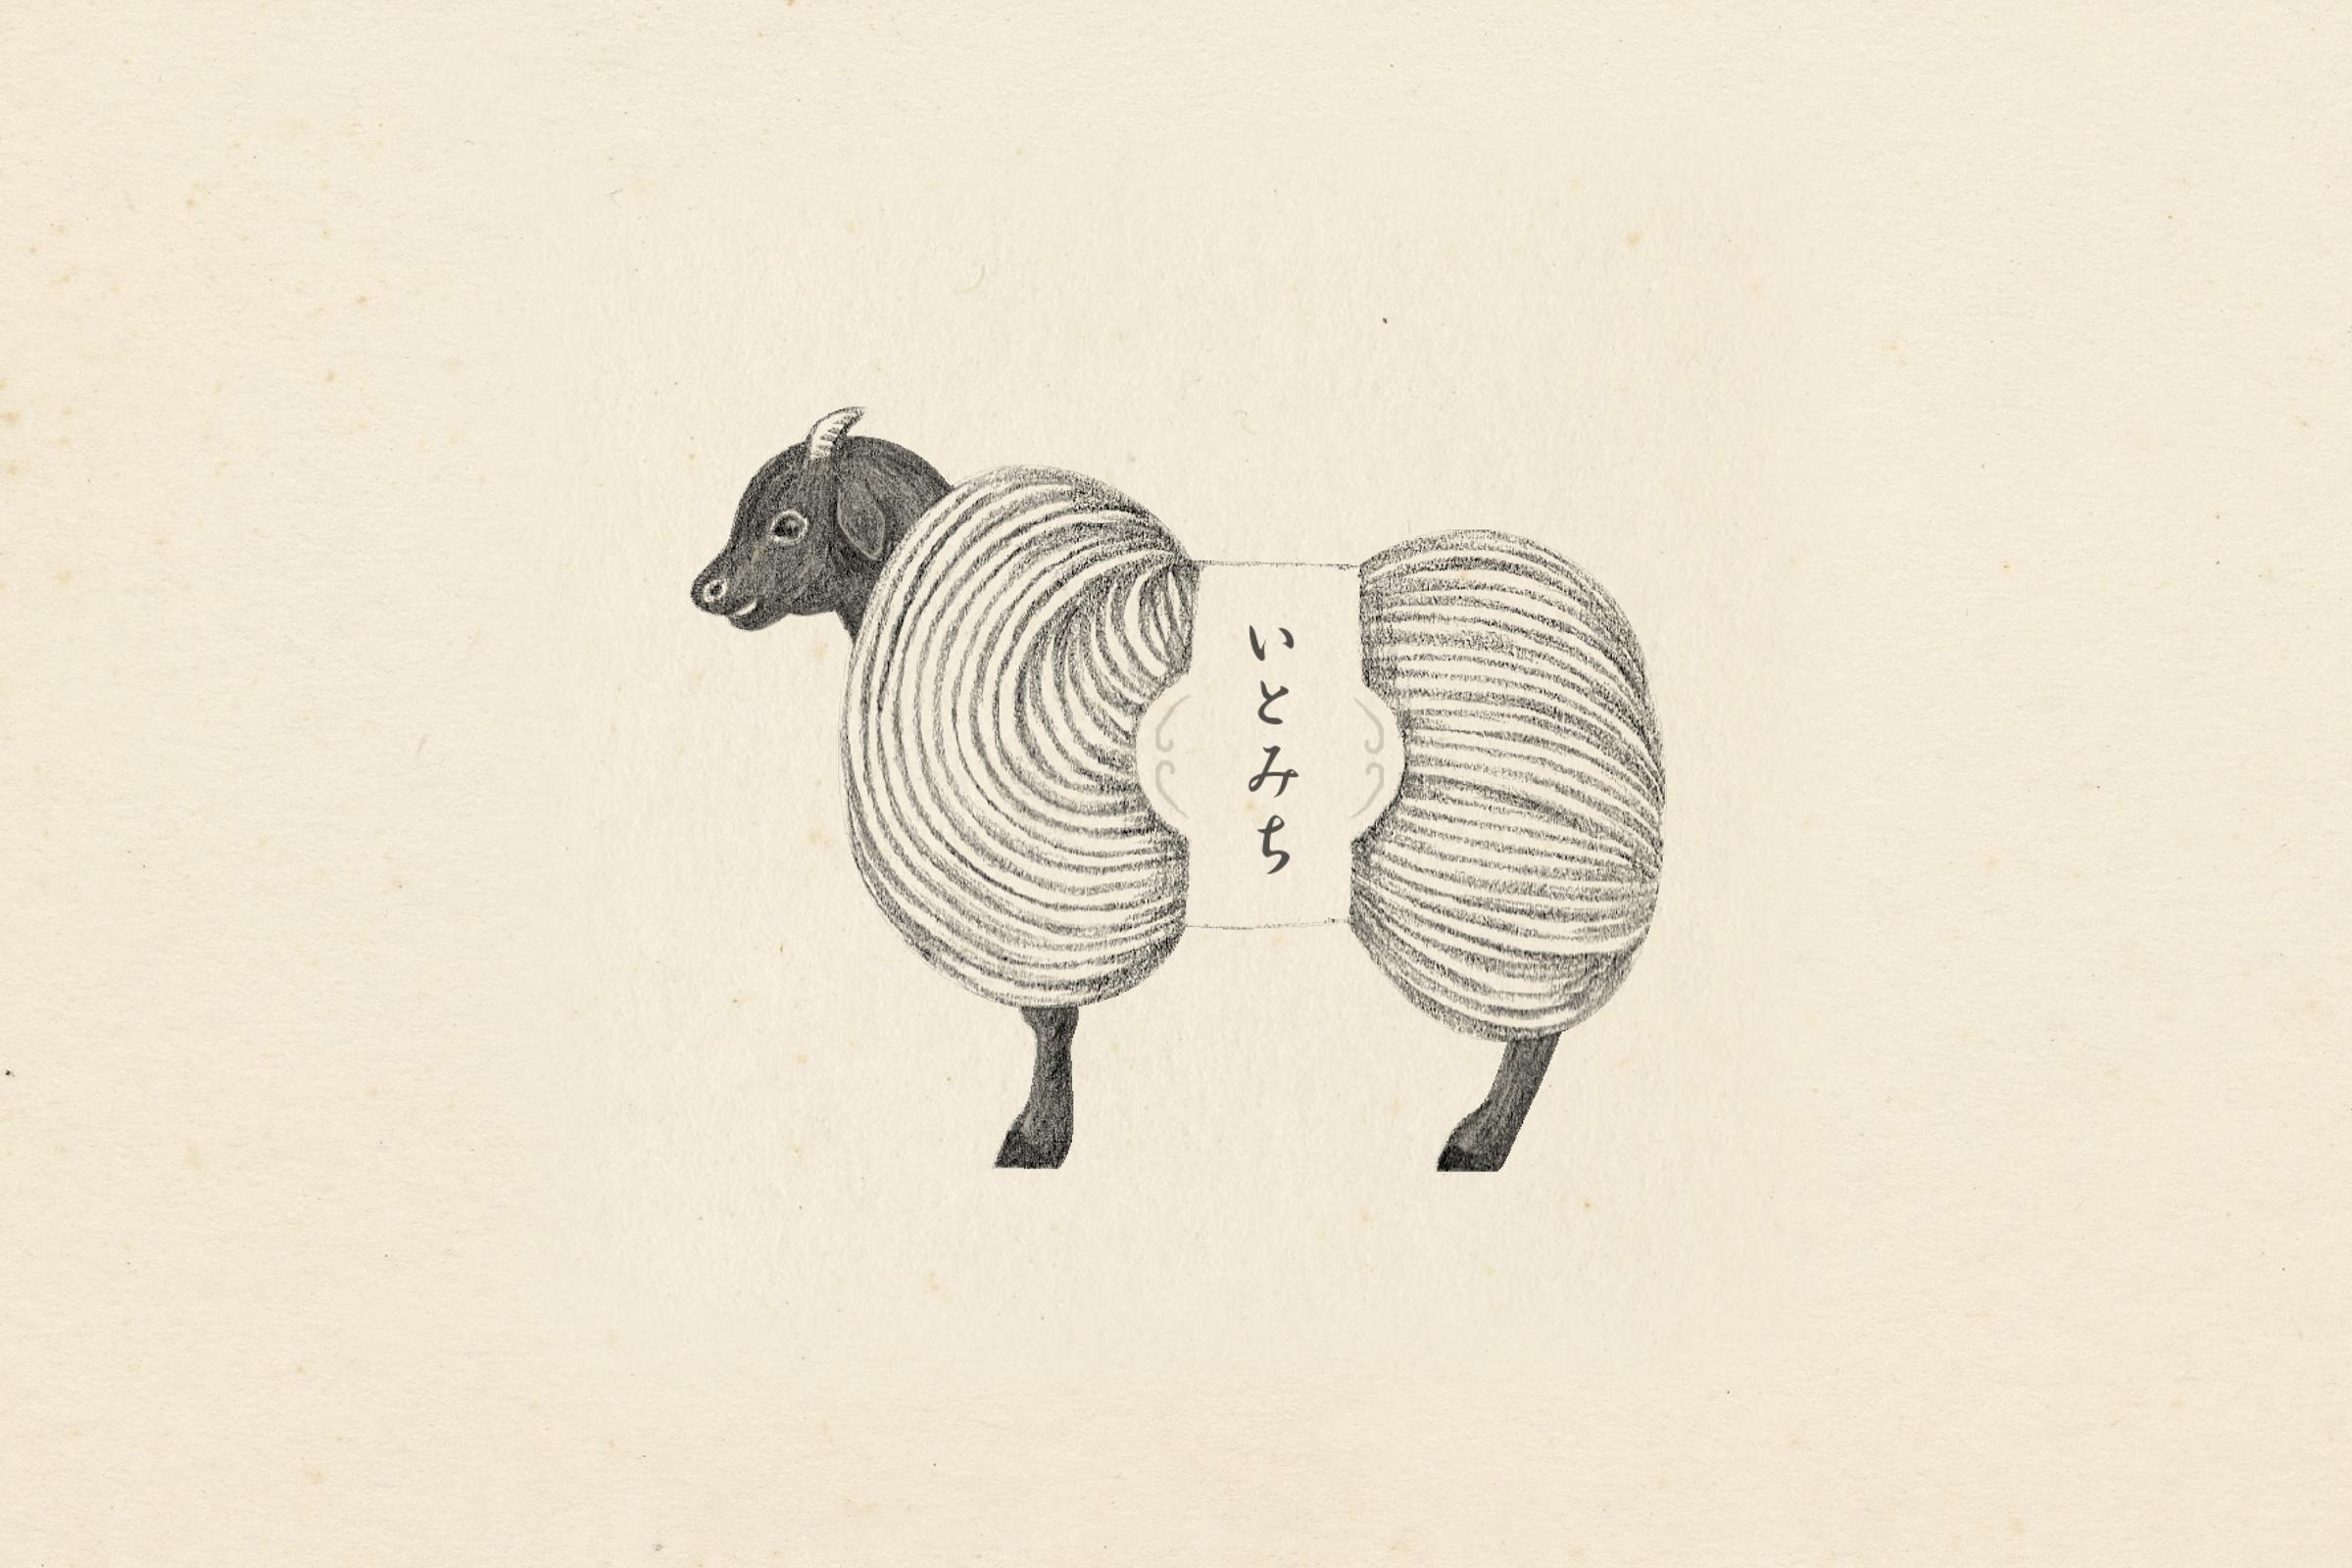 毛糸ブランドロゴデザイン